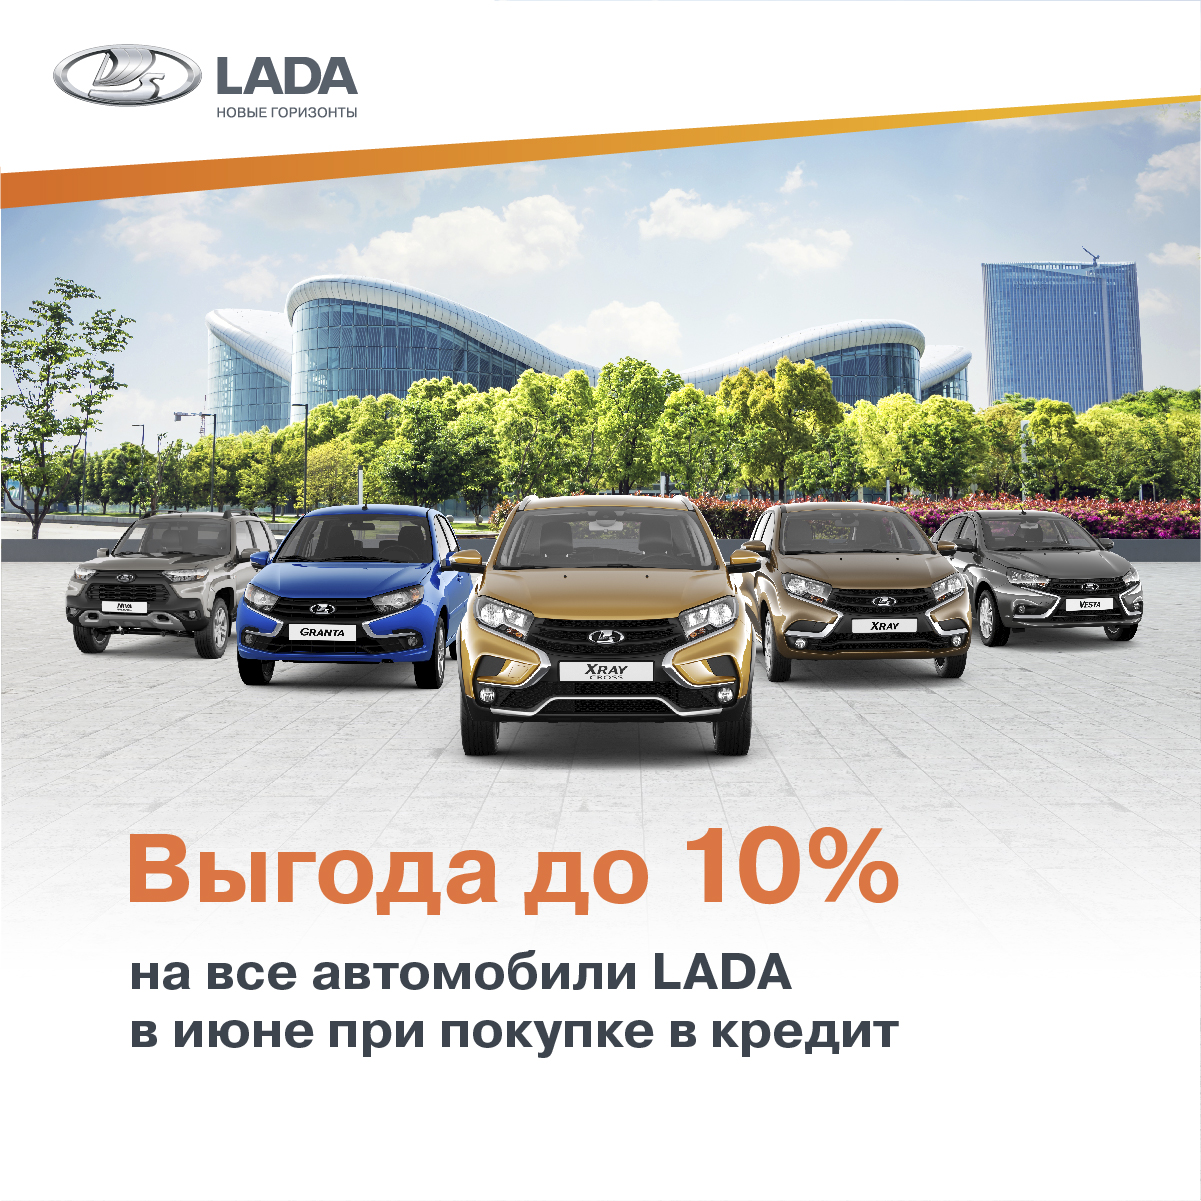 Выгода до 10% на все LADA при покупке в кредит